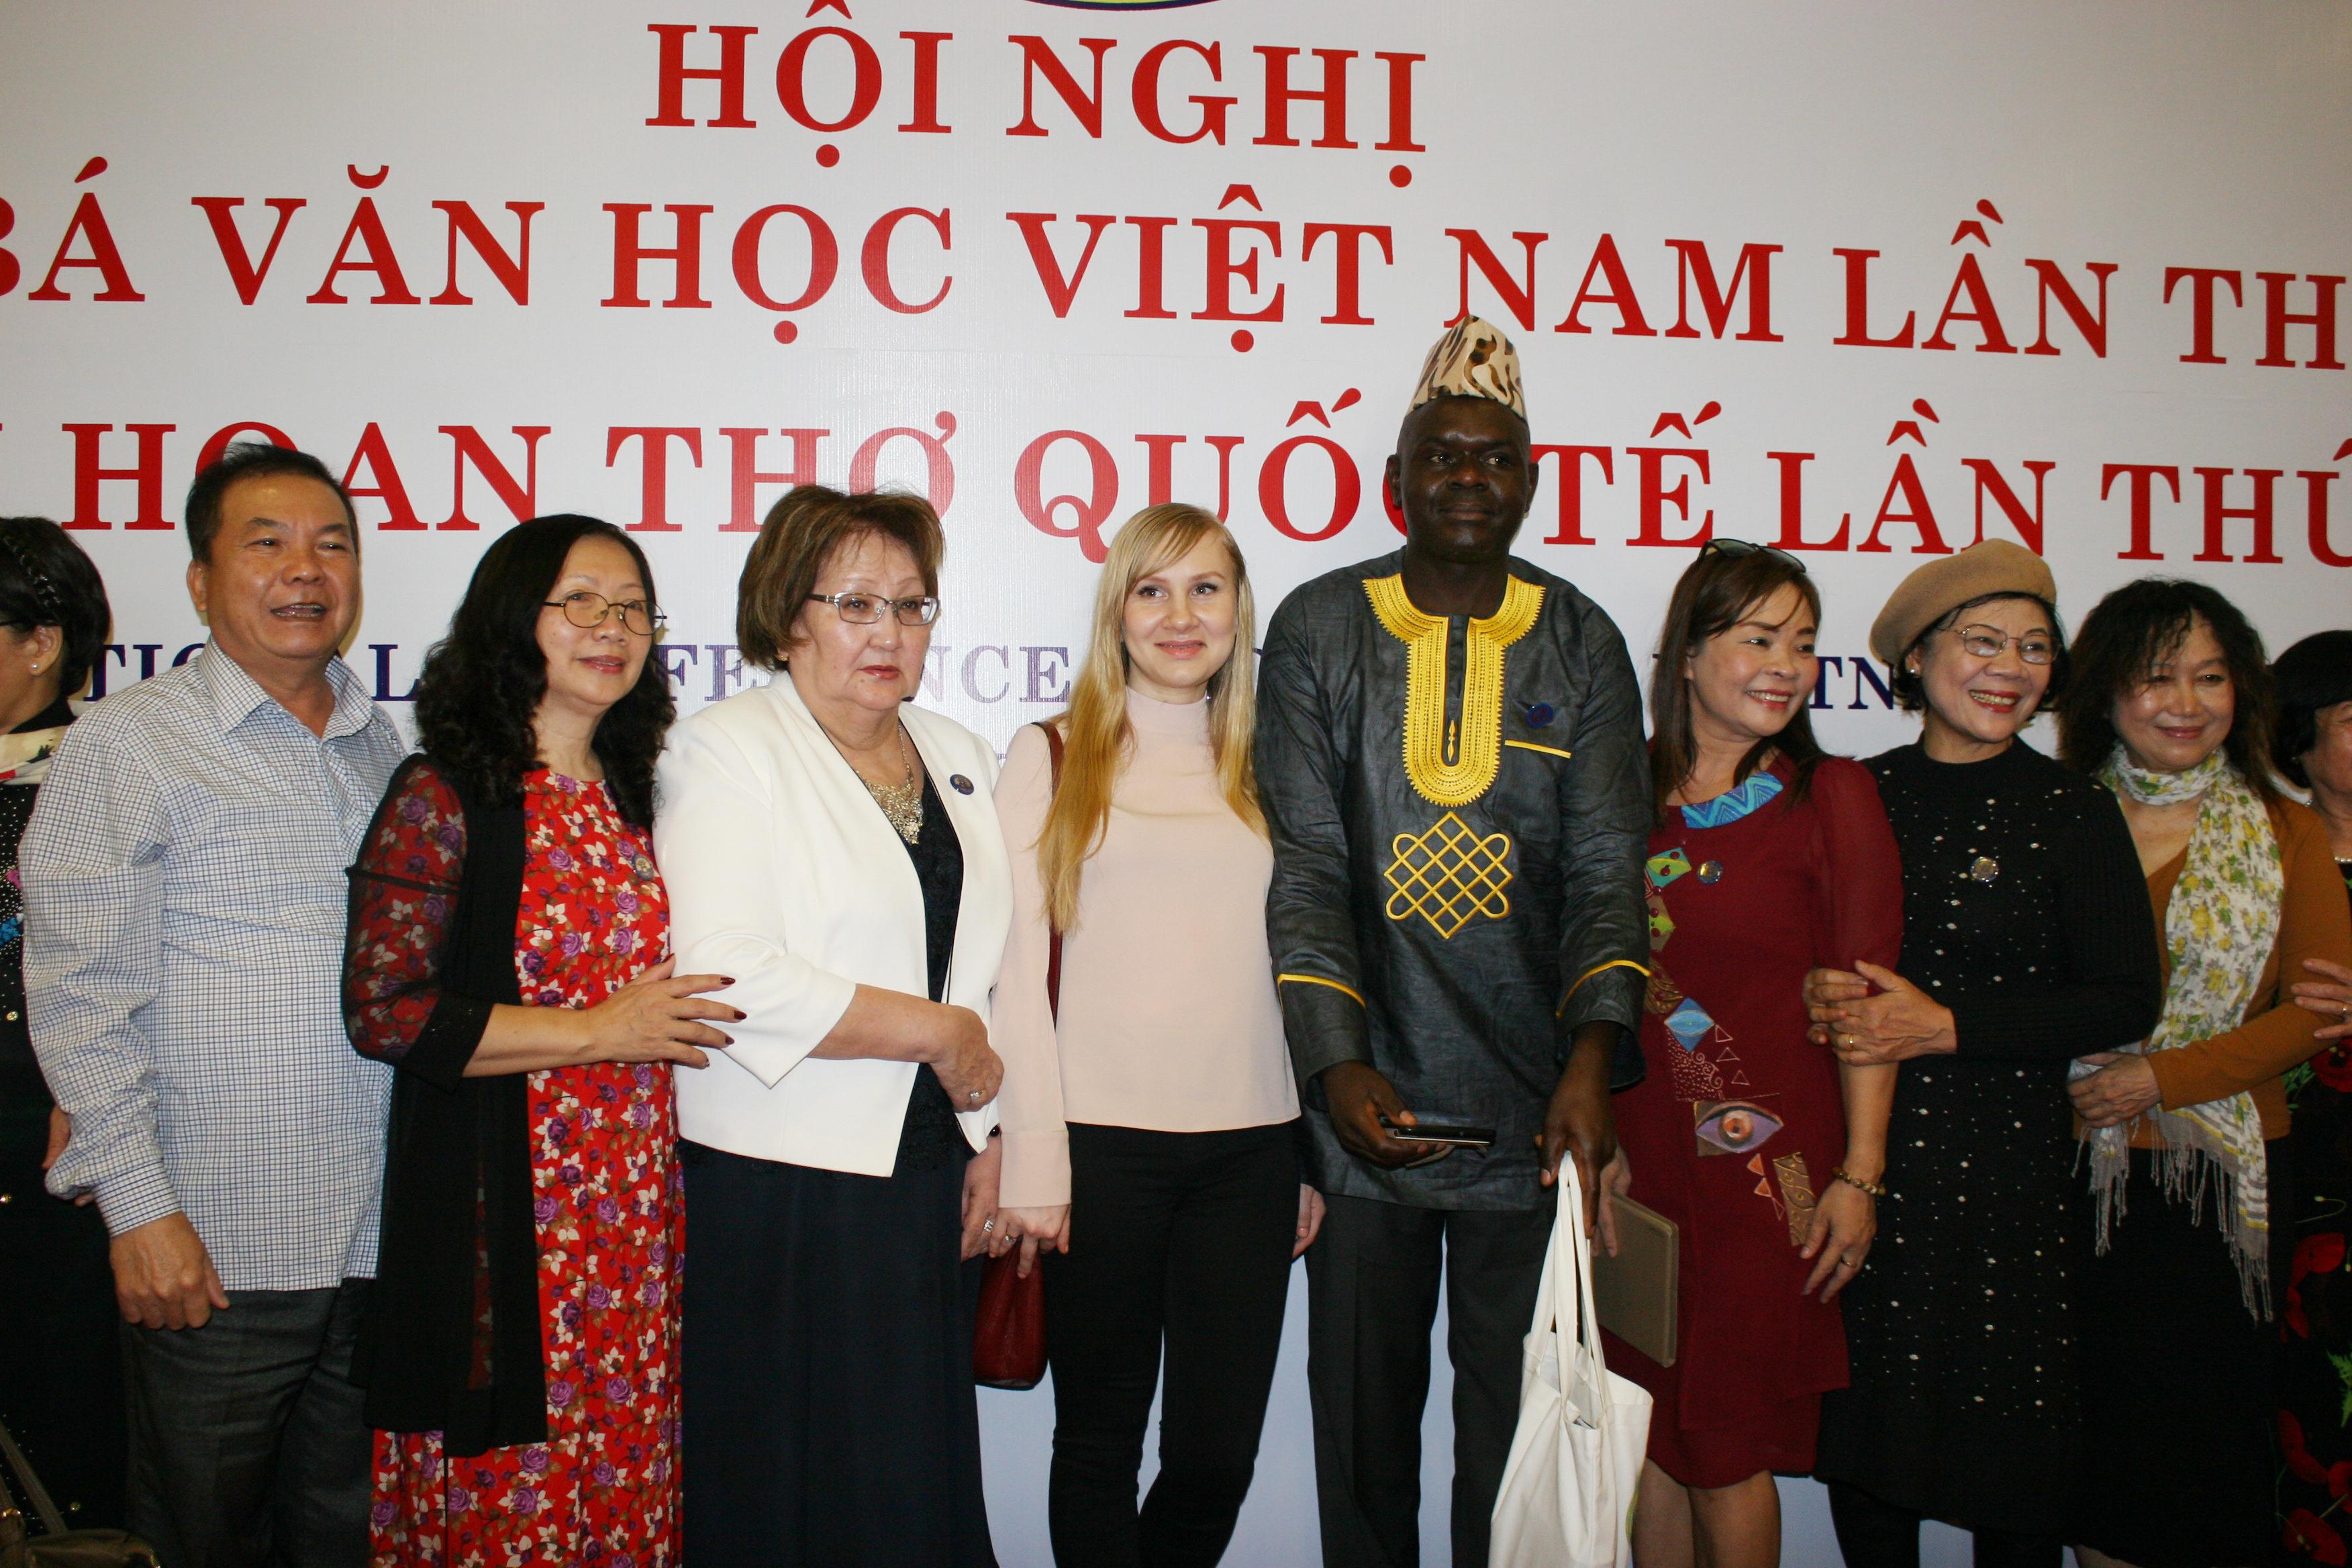 Hội nghị Quảng bá văn học Việt Nam lần thứ IV và Liên hoan thơ quốc tế lần thứ III